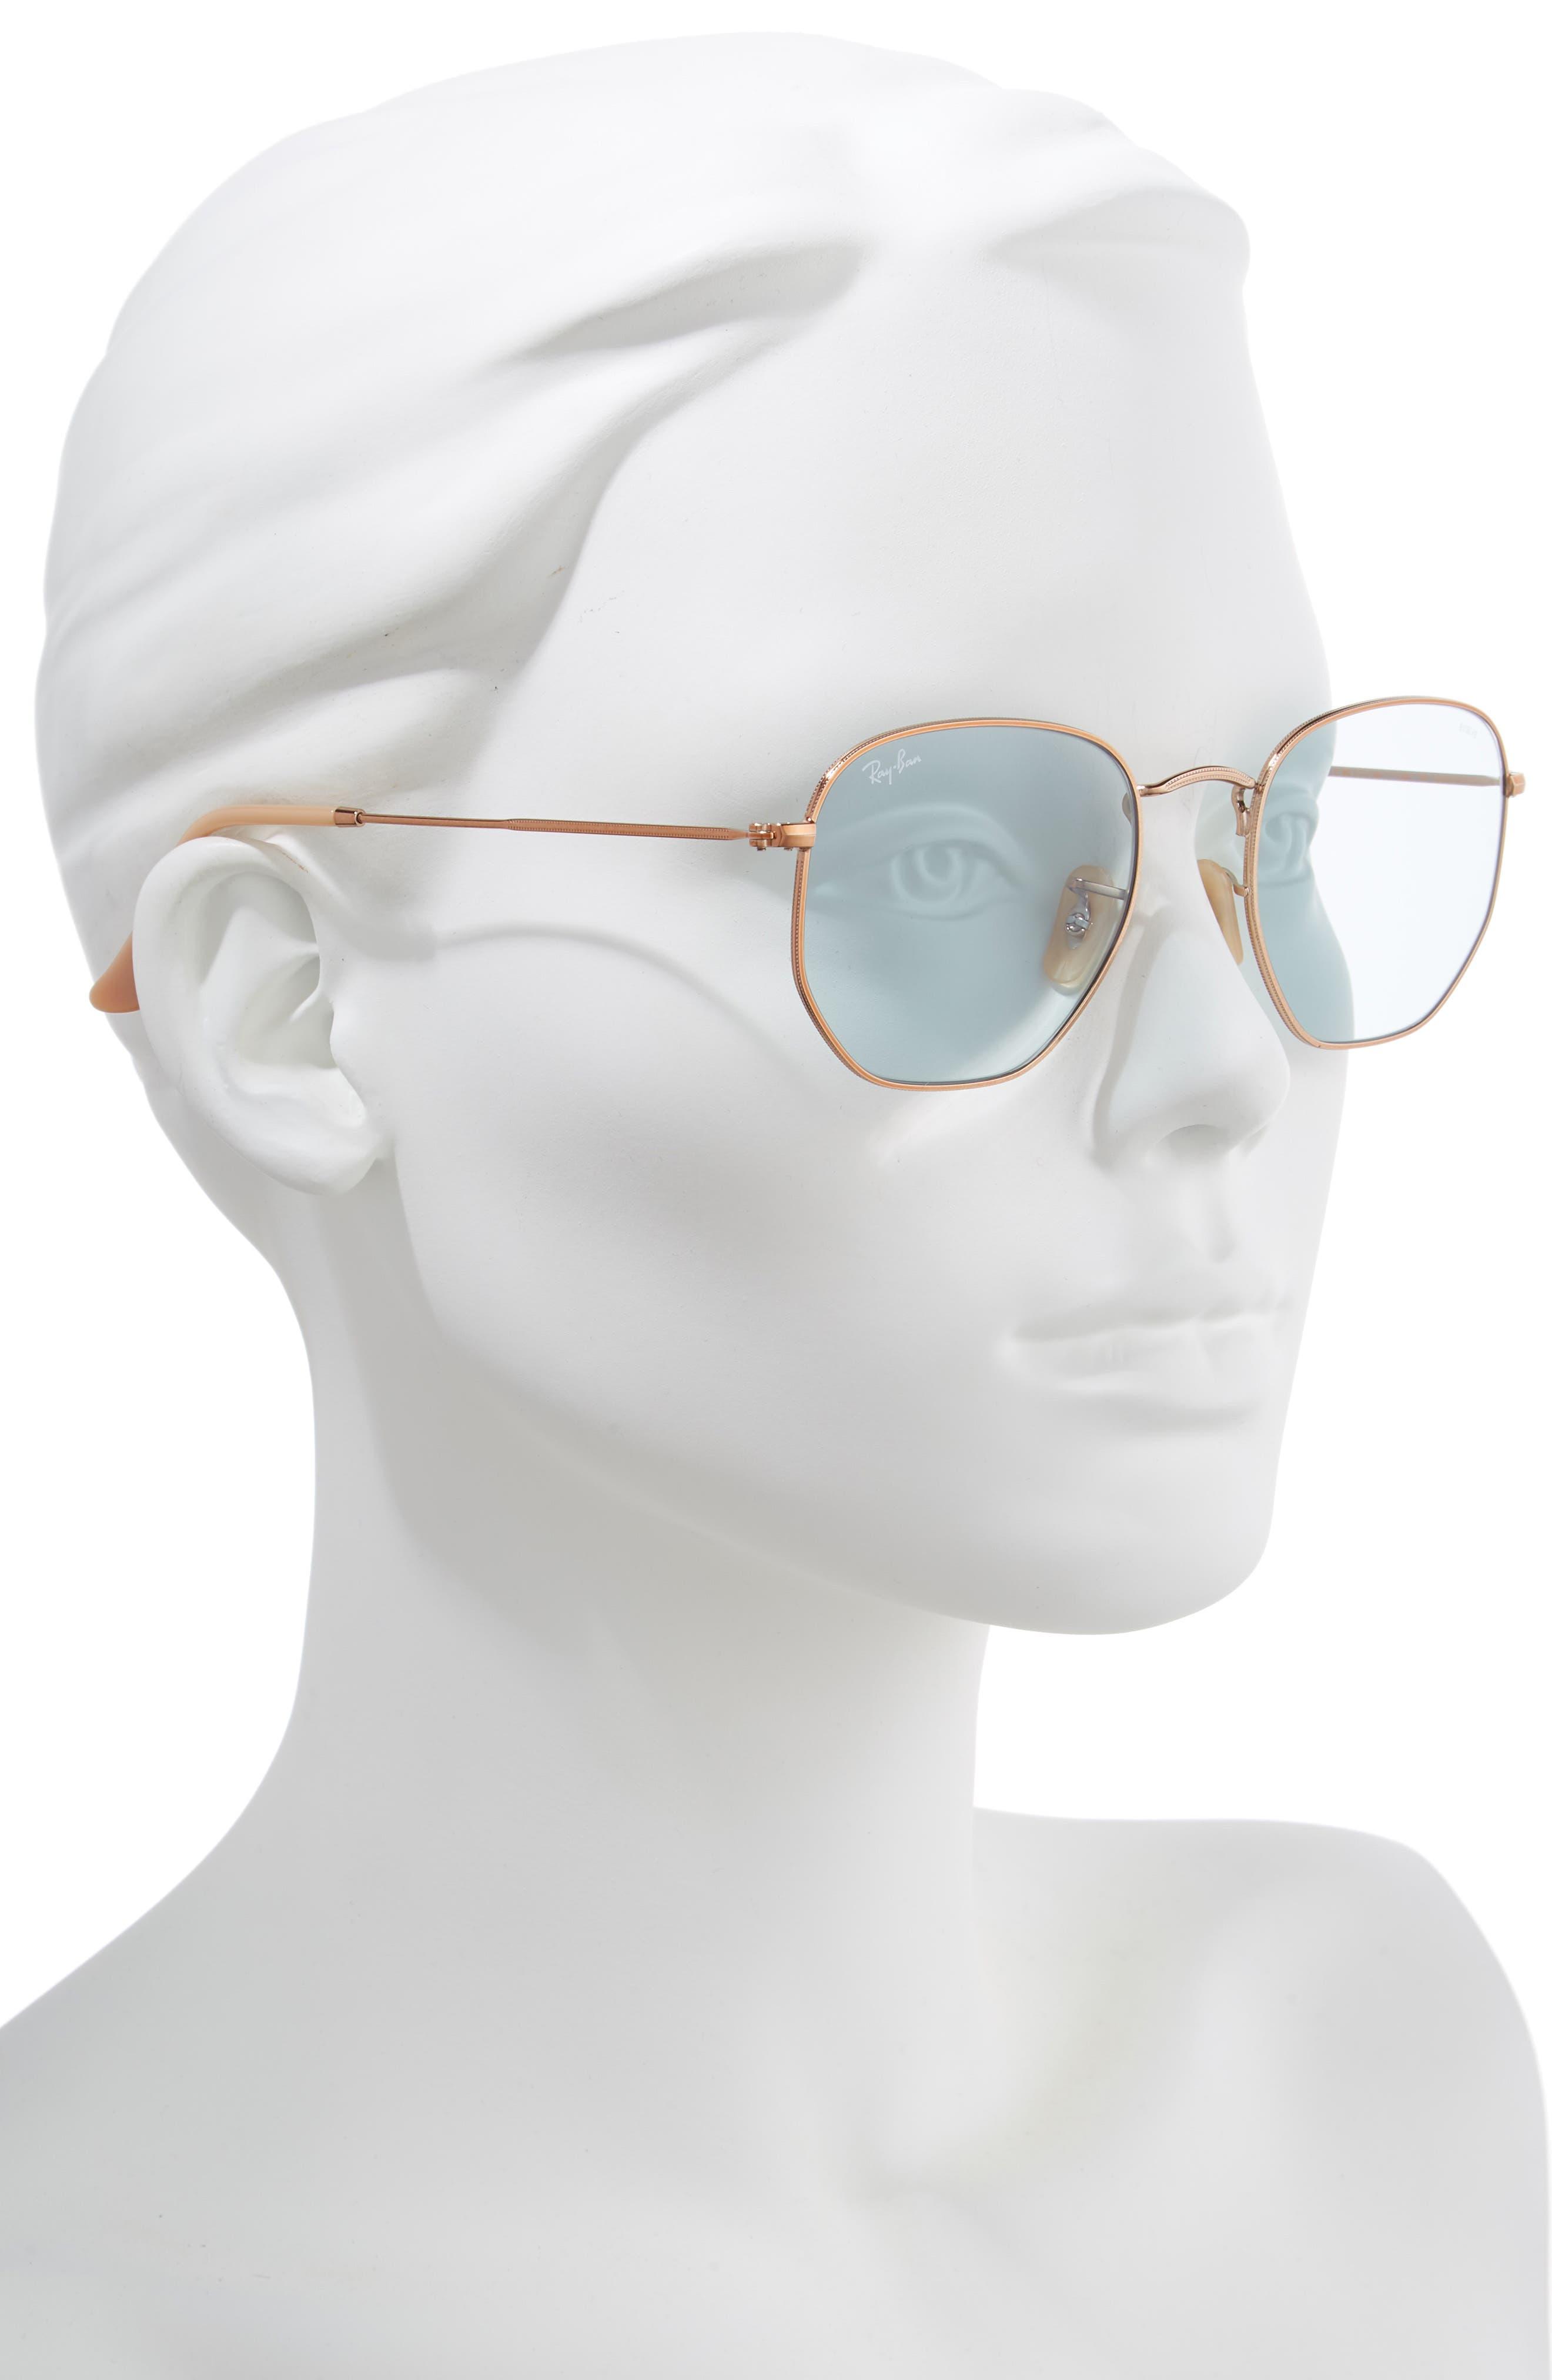 ,                             54mm Evolve Photochromic Hexagon Sunglasses,                             Alternate thumbnail 2, color,                             GOLD/ LIGHT BLUE SOLID